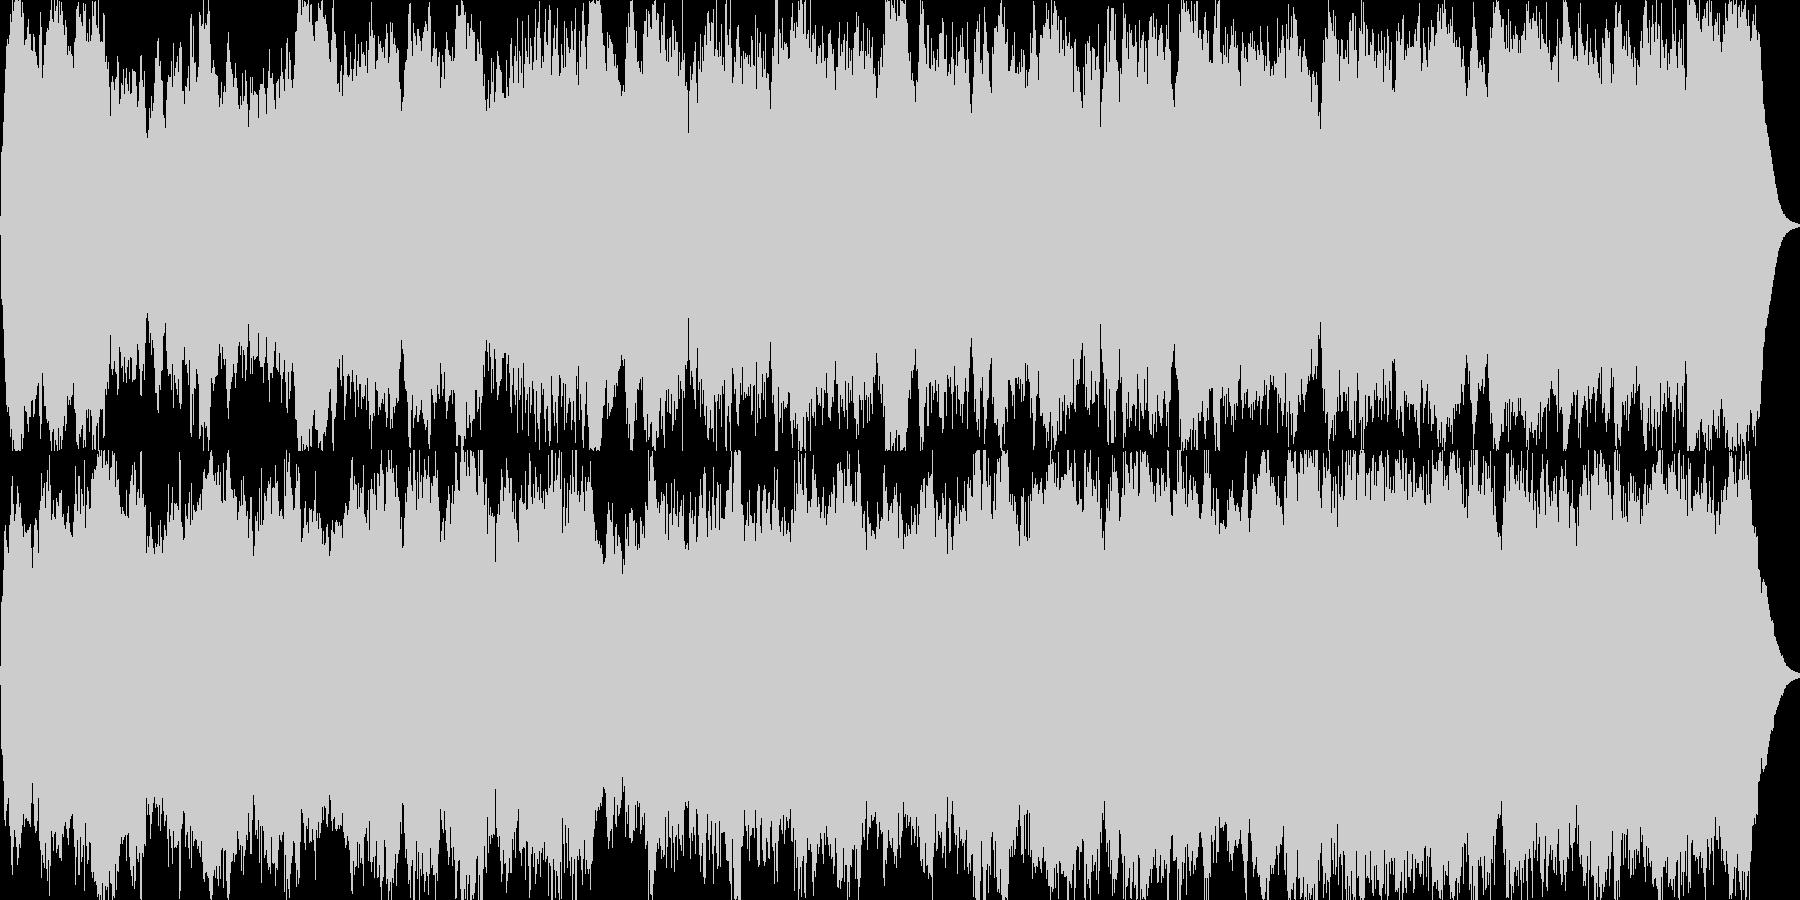 パイプオルガンのオリジナル曲ですの未再生の波形